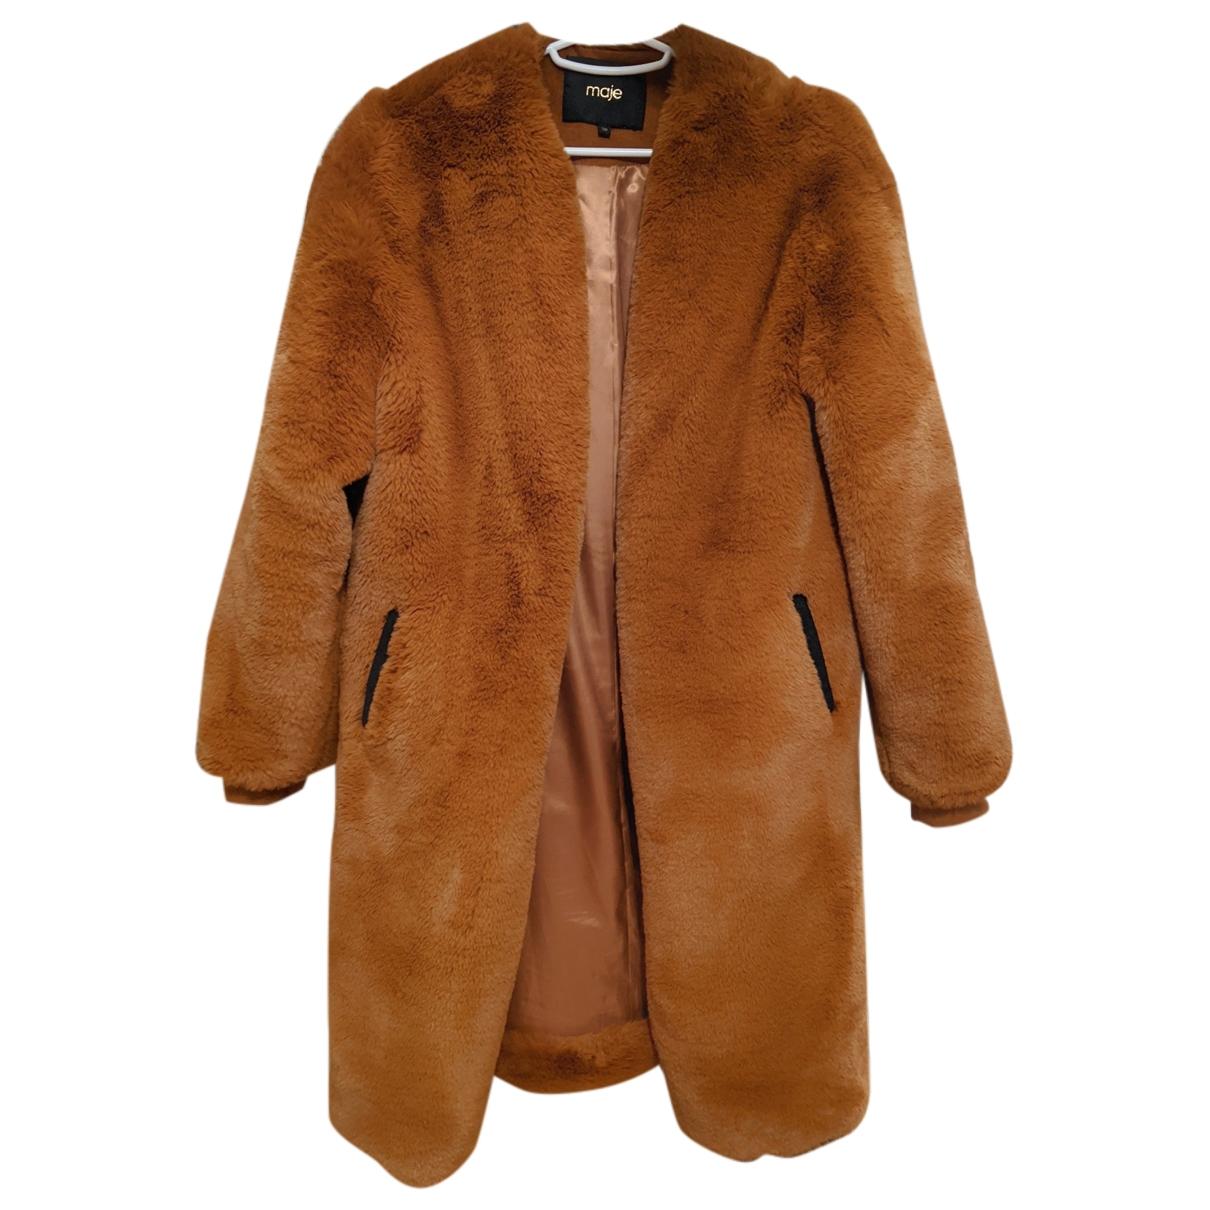 Maje - Manteau   pour femme en fourrure synthetique - camel